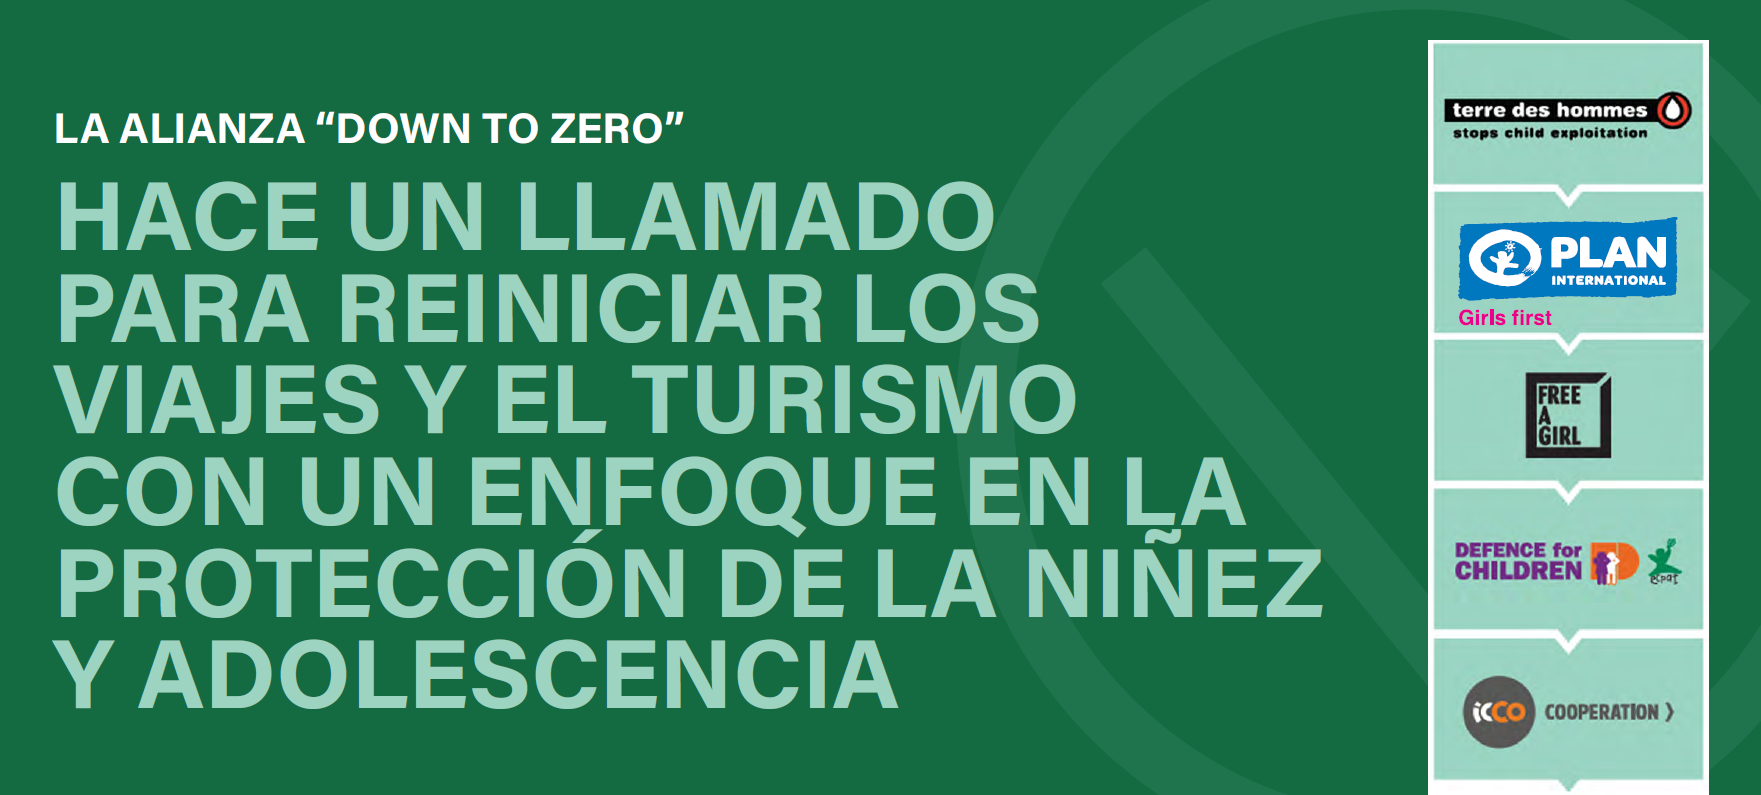 27 setiembre Día Mundial del Turismo: Llamado para reiniciar los viajes y el turismo con un enfoque de protección